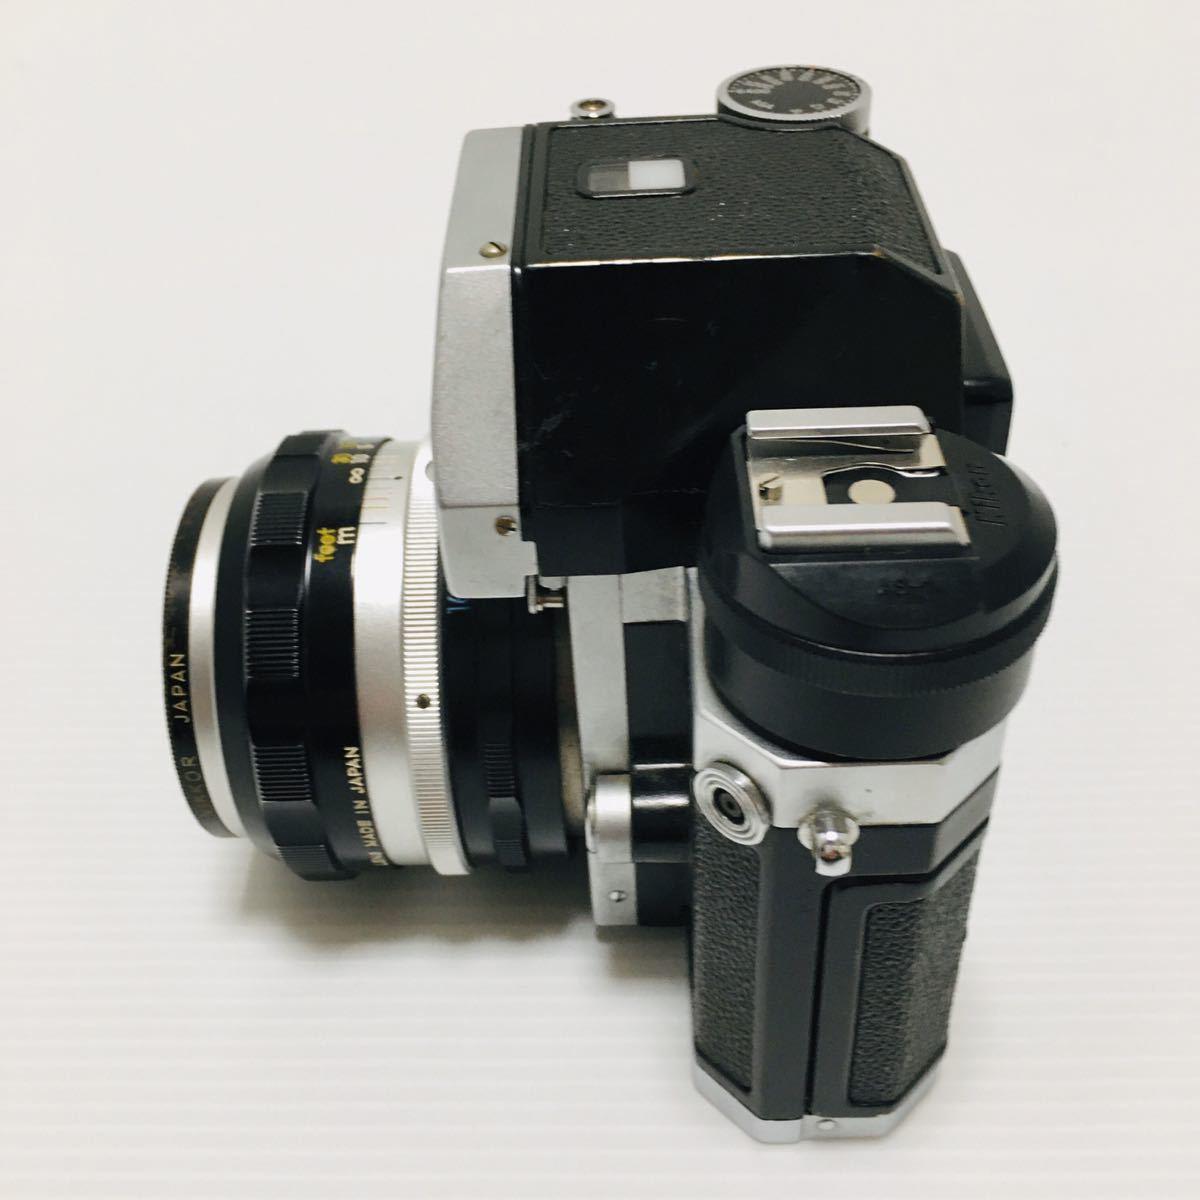 【動作未確認】Nikon F シルバー フィルムカメラ national3650 フラッシュ、レンズ付 NIKKOR-S 1:1.4 ジャンク_画像6